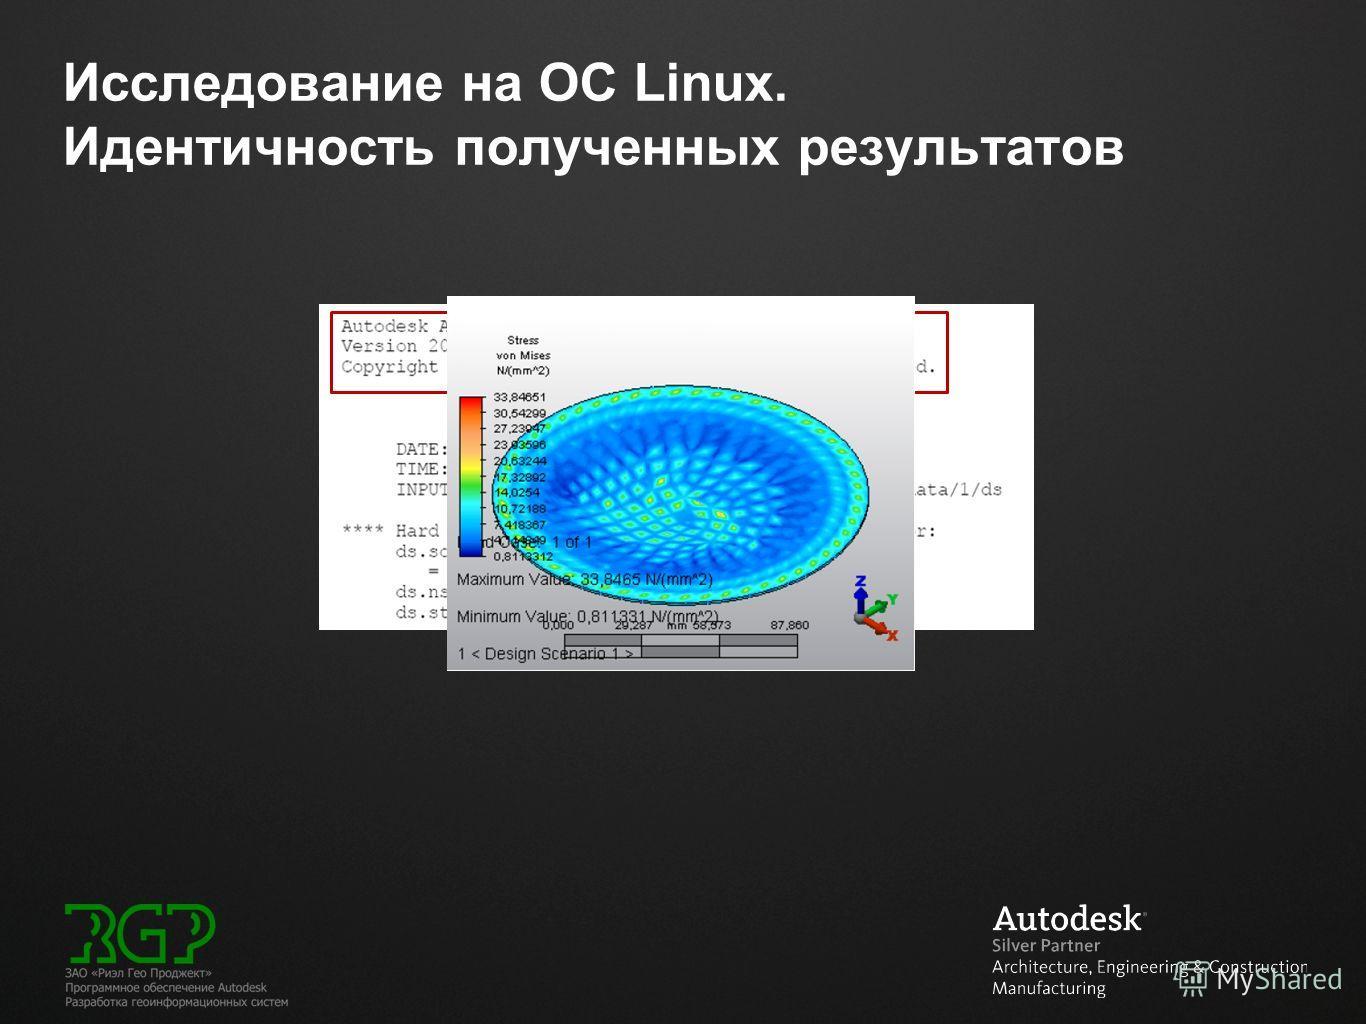 Исследование на ОС Linux. Идентичность полученных результатов